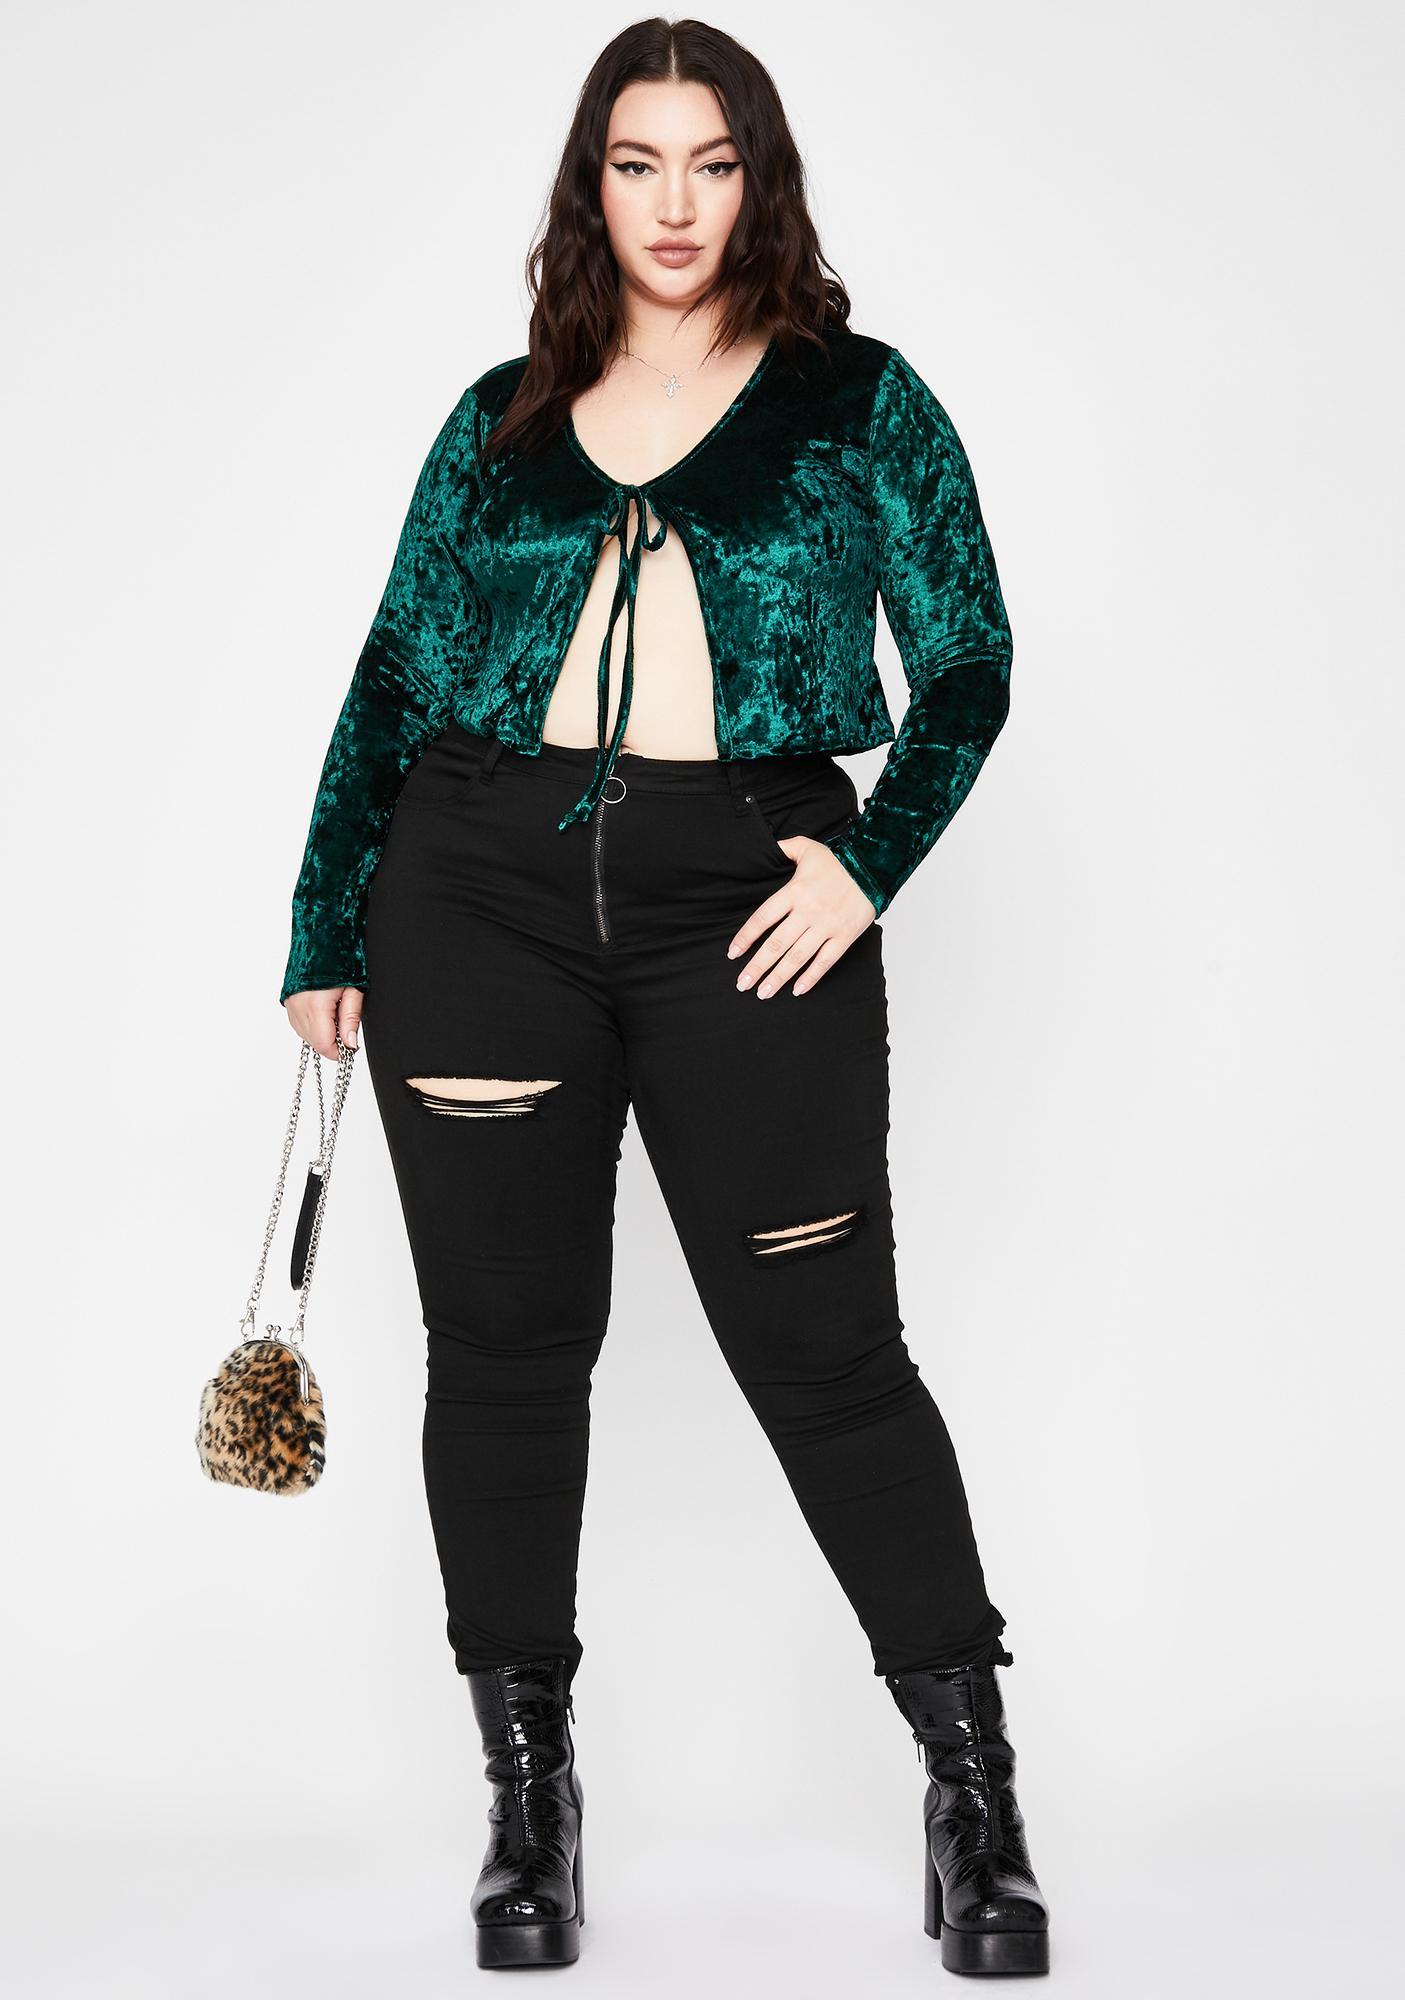 Emerald Crush On Me Velvet Top